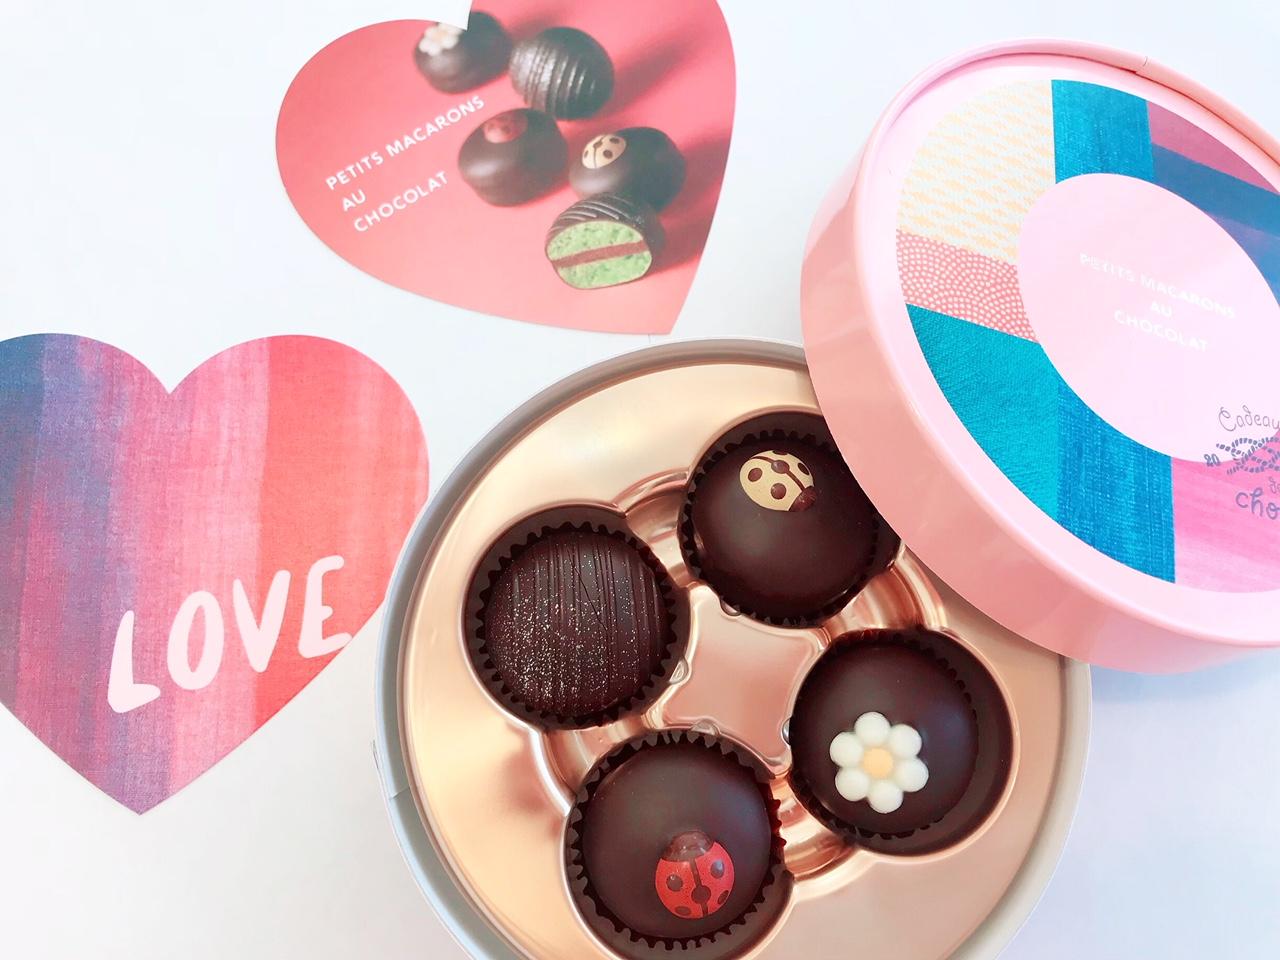 話題のチョコレート♡ブールミッシュのプティマカロン・ショコラ